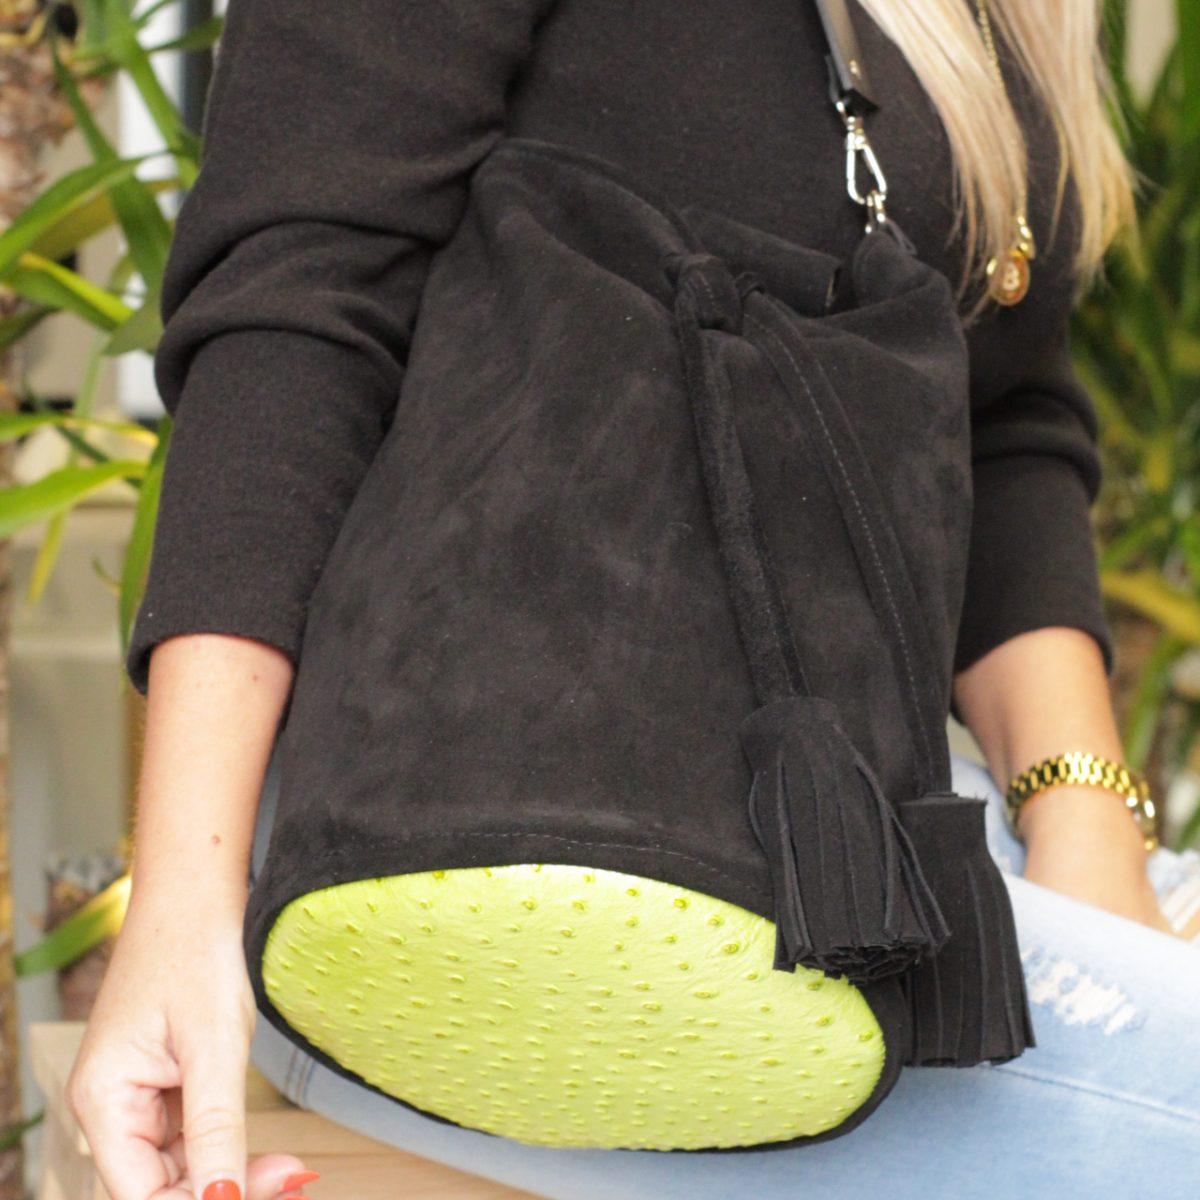 bolso tipo saco en piel serraje color negro y base piel verde pistacho acharolada